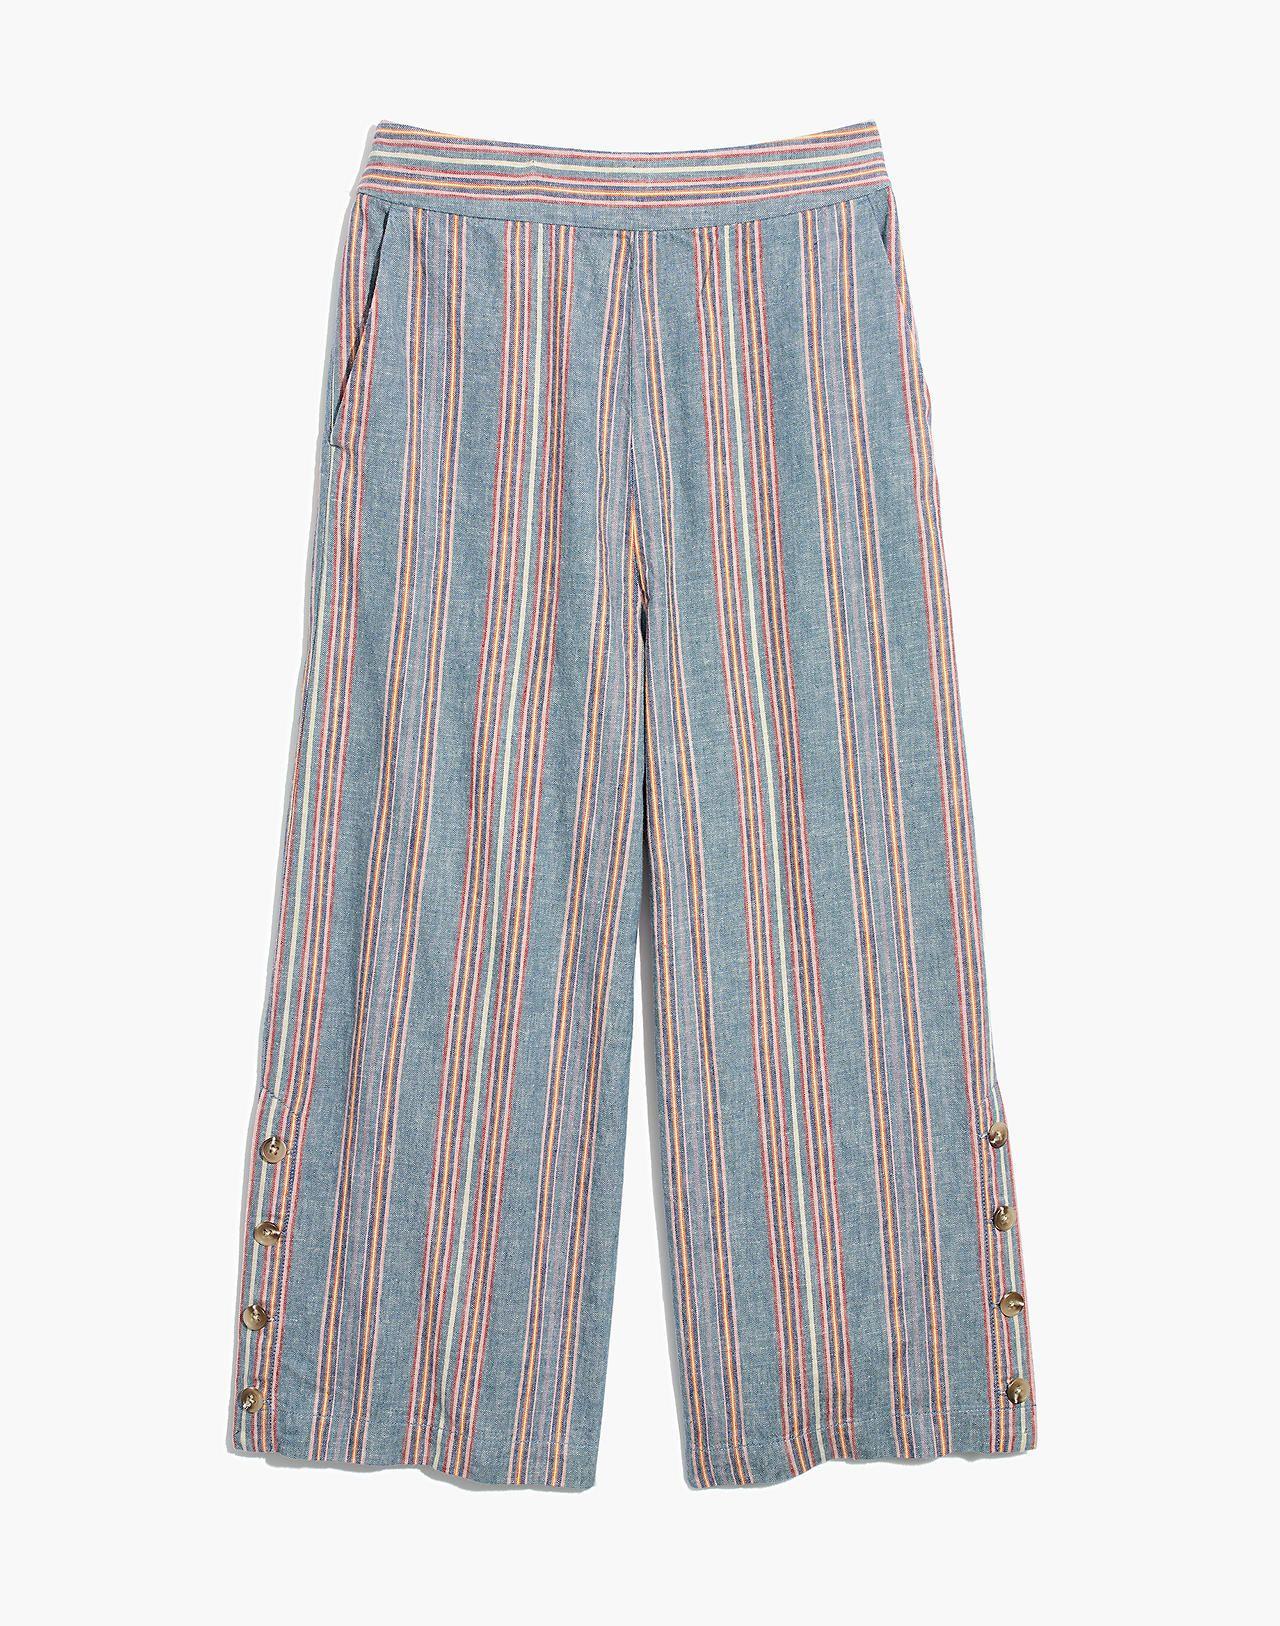 0de8820a9d5 Side-Button Huston Pull-On Crop Pants in Rainbow Stripe in 2019 ...